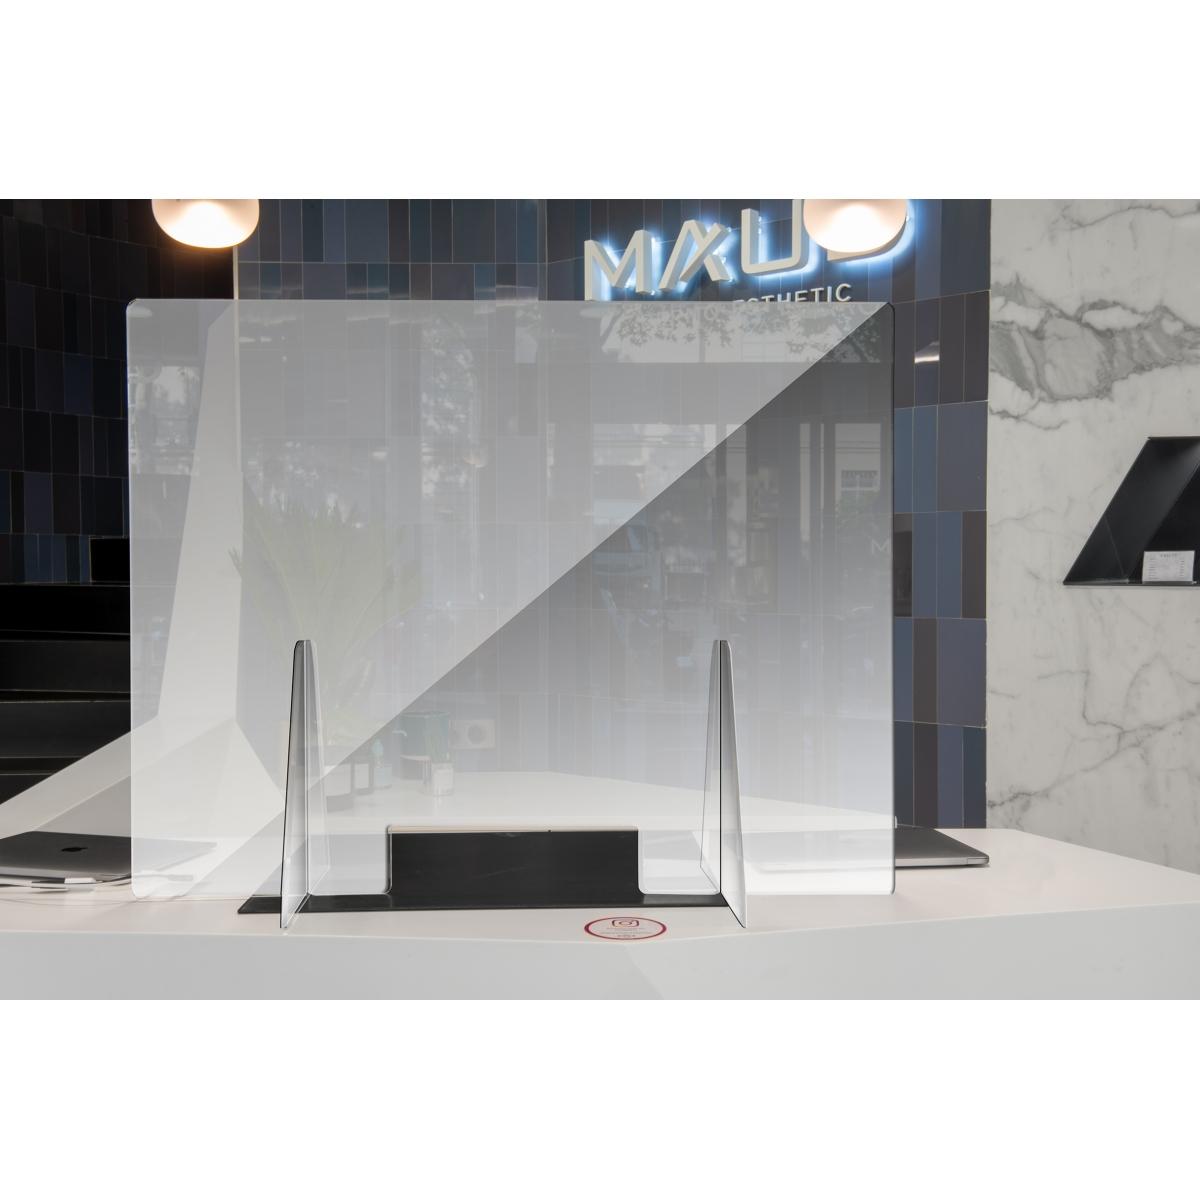 EQUIPEMENTS - MAUD PROFESSIONAL SHOP - VITRAGE DE PROTECTION DE COMPTOIR VISITEUR PVC AVEC OUVERTURE BASSE (70 x 90 cm)